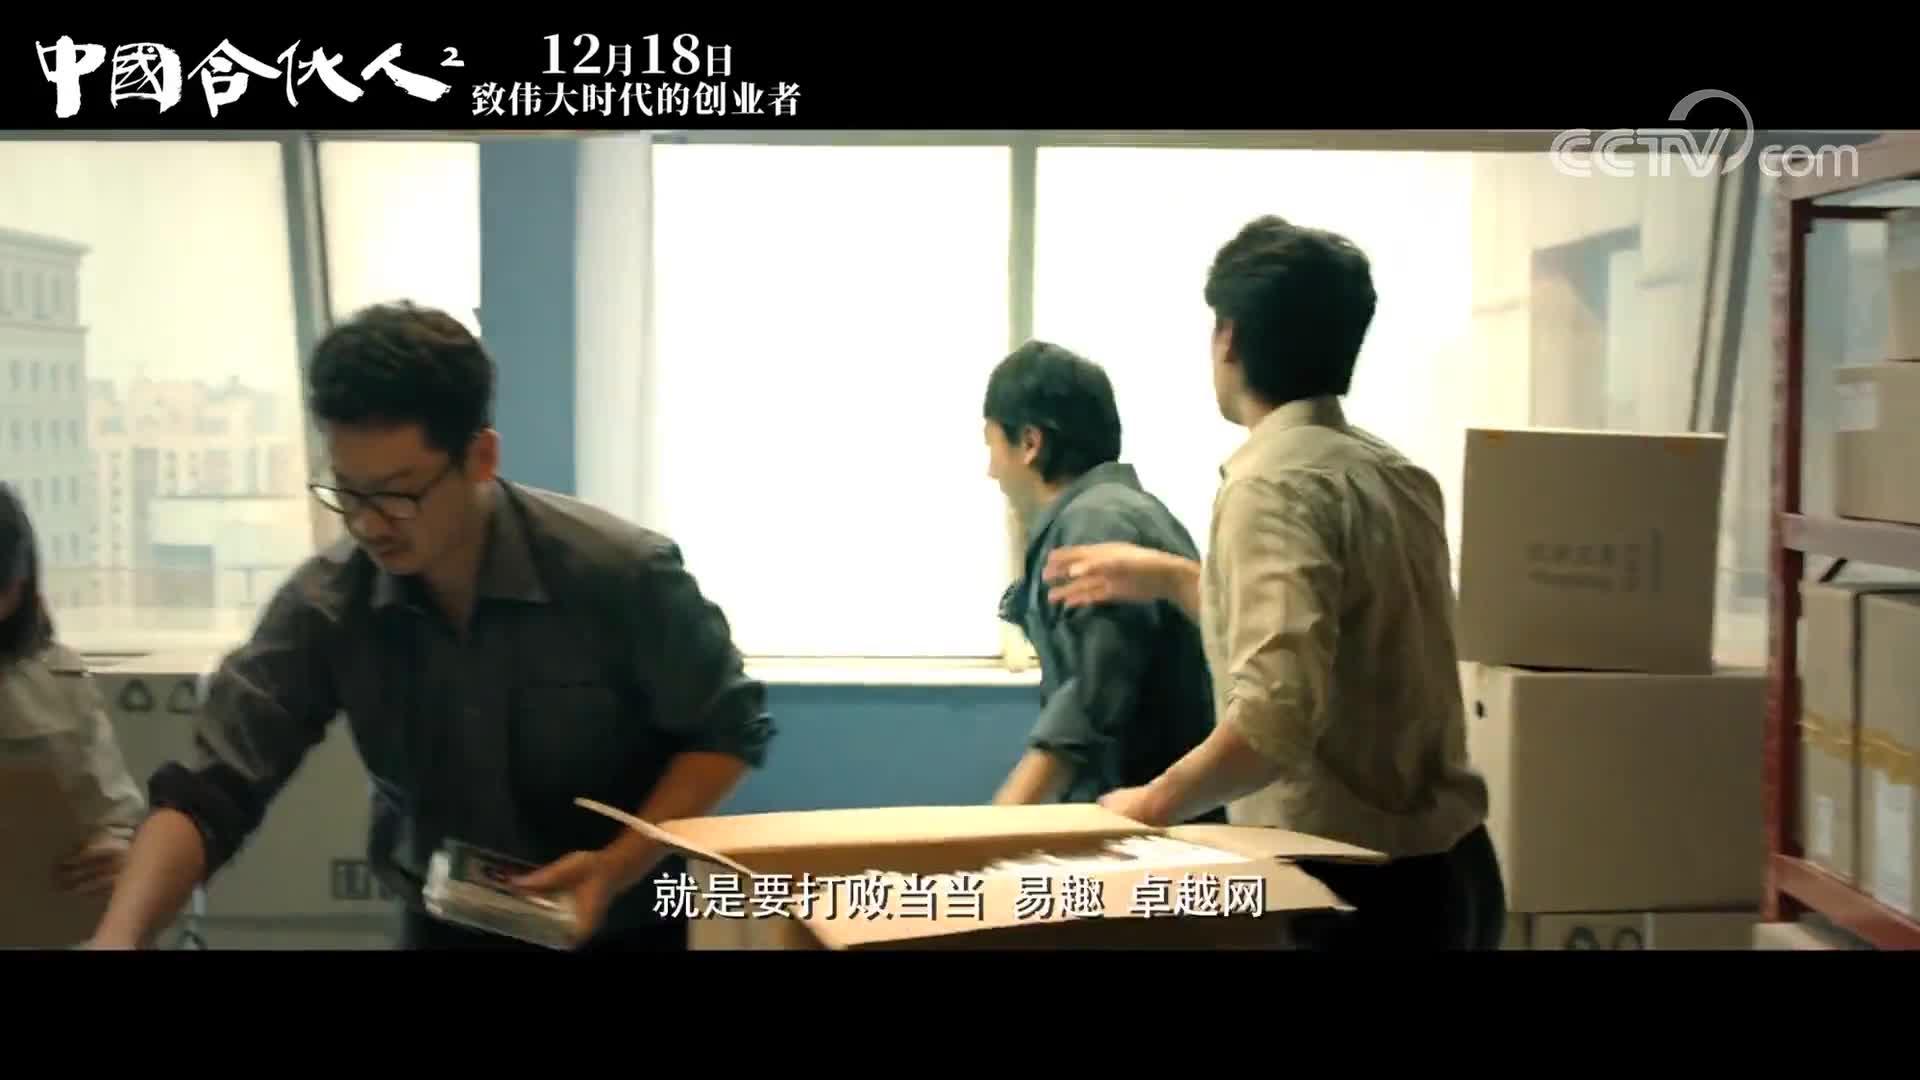 [视频]《中国合伙人2》并肩作战 群雄并起筑梦互联网